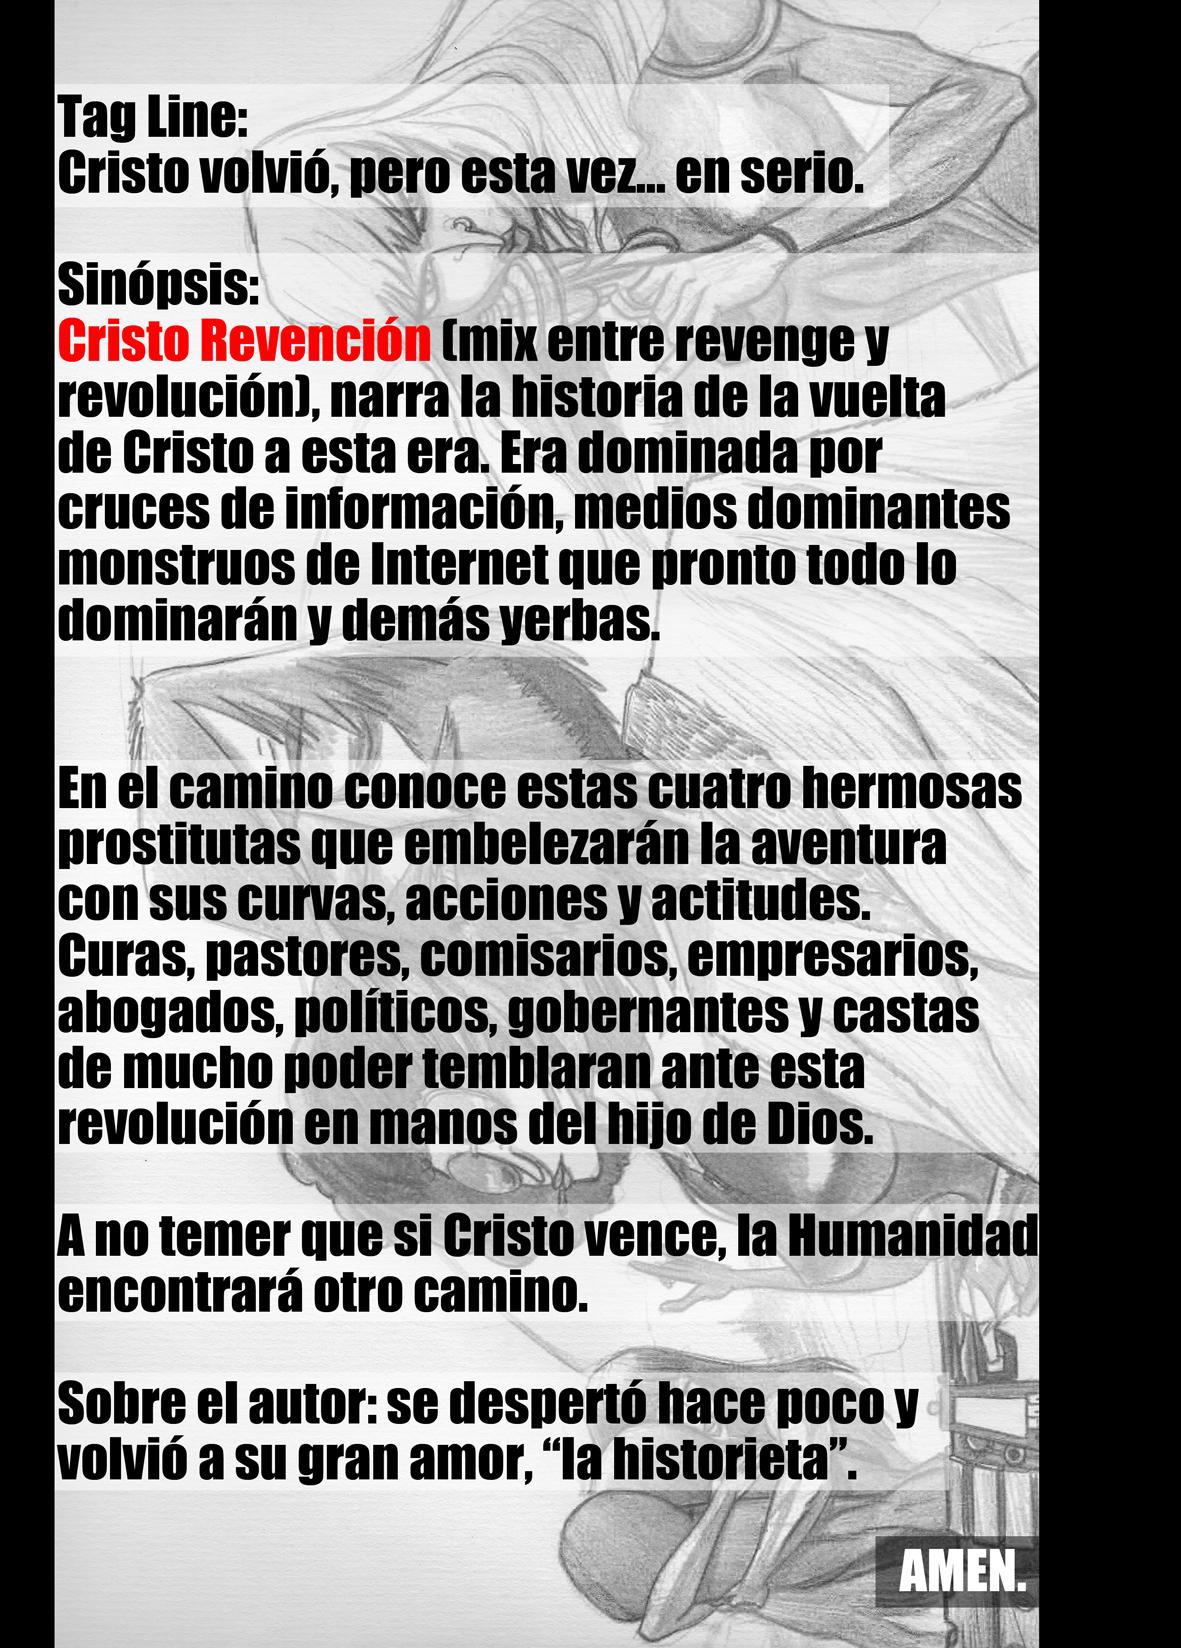 CRISTO REVENCION_sinopsis